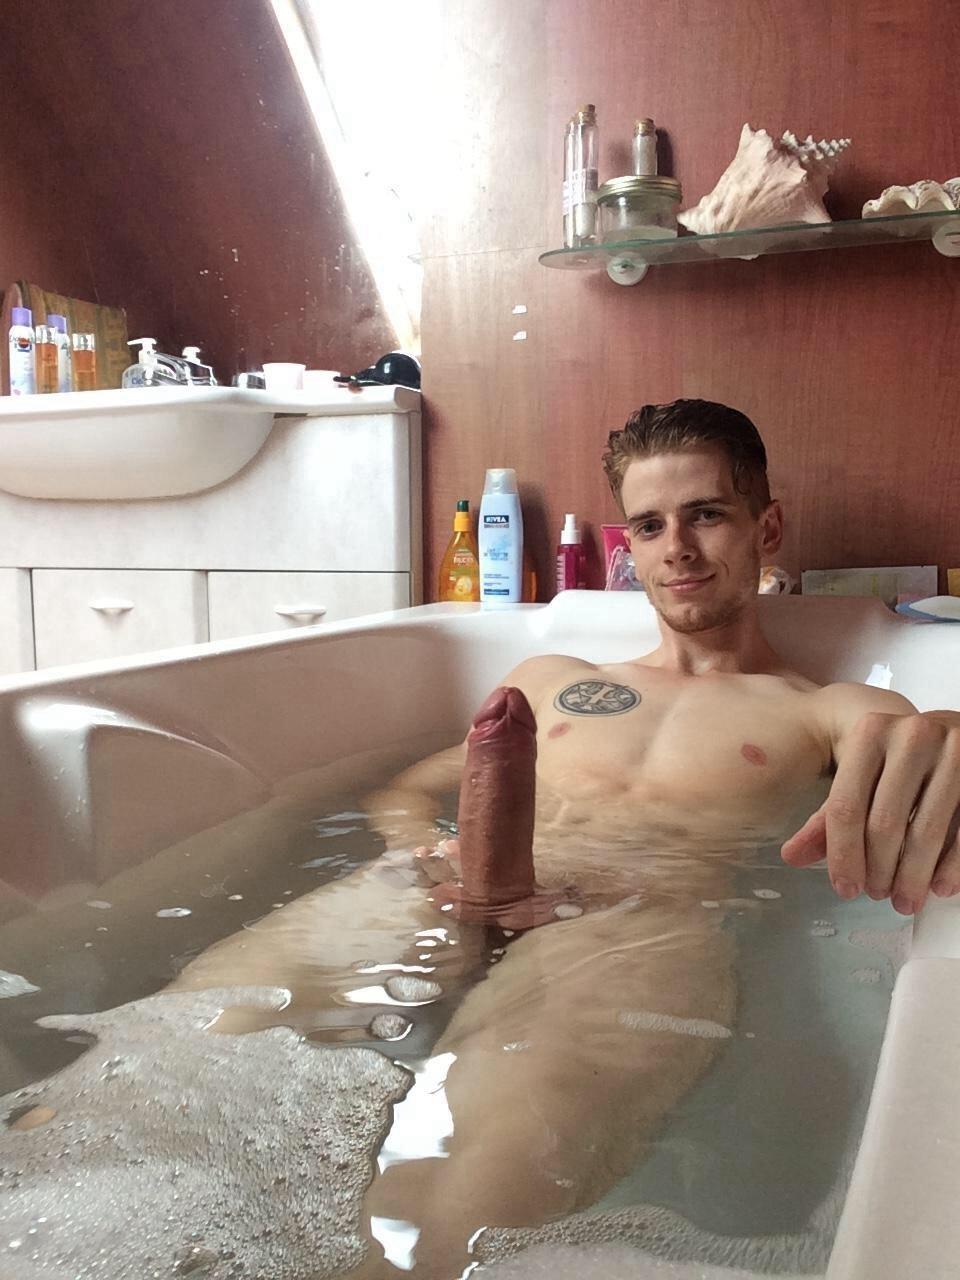 Cute Boy Jerks In Bathroom